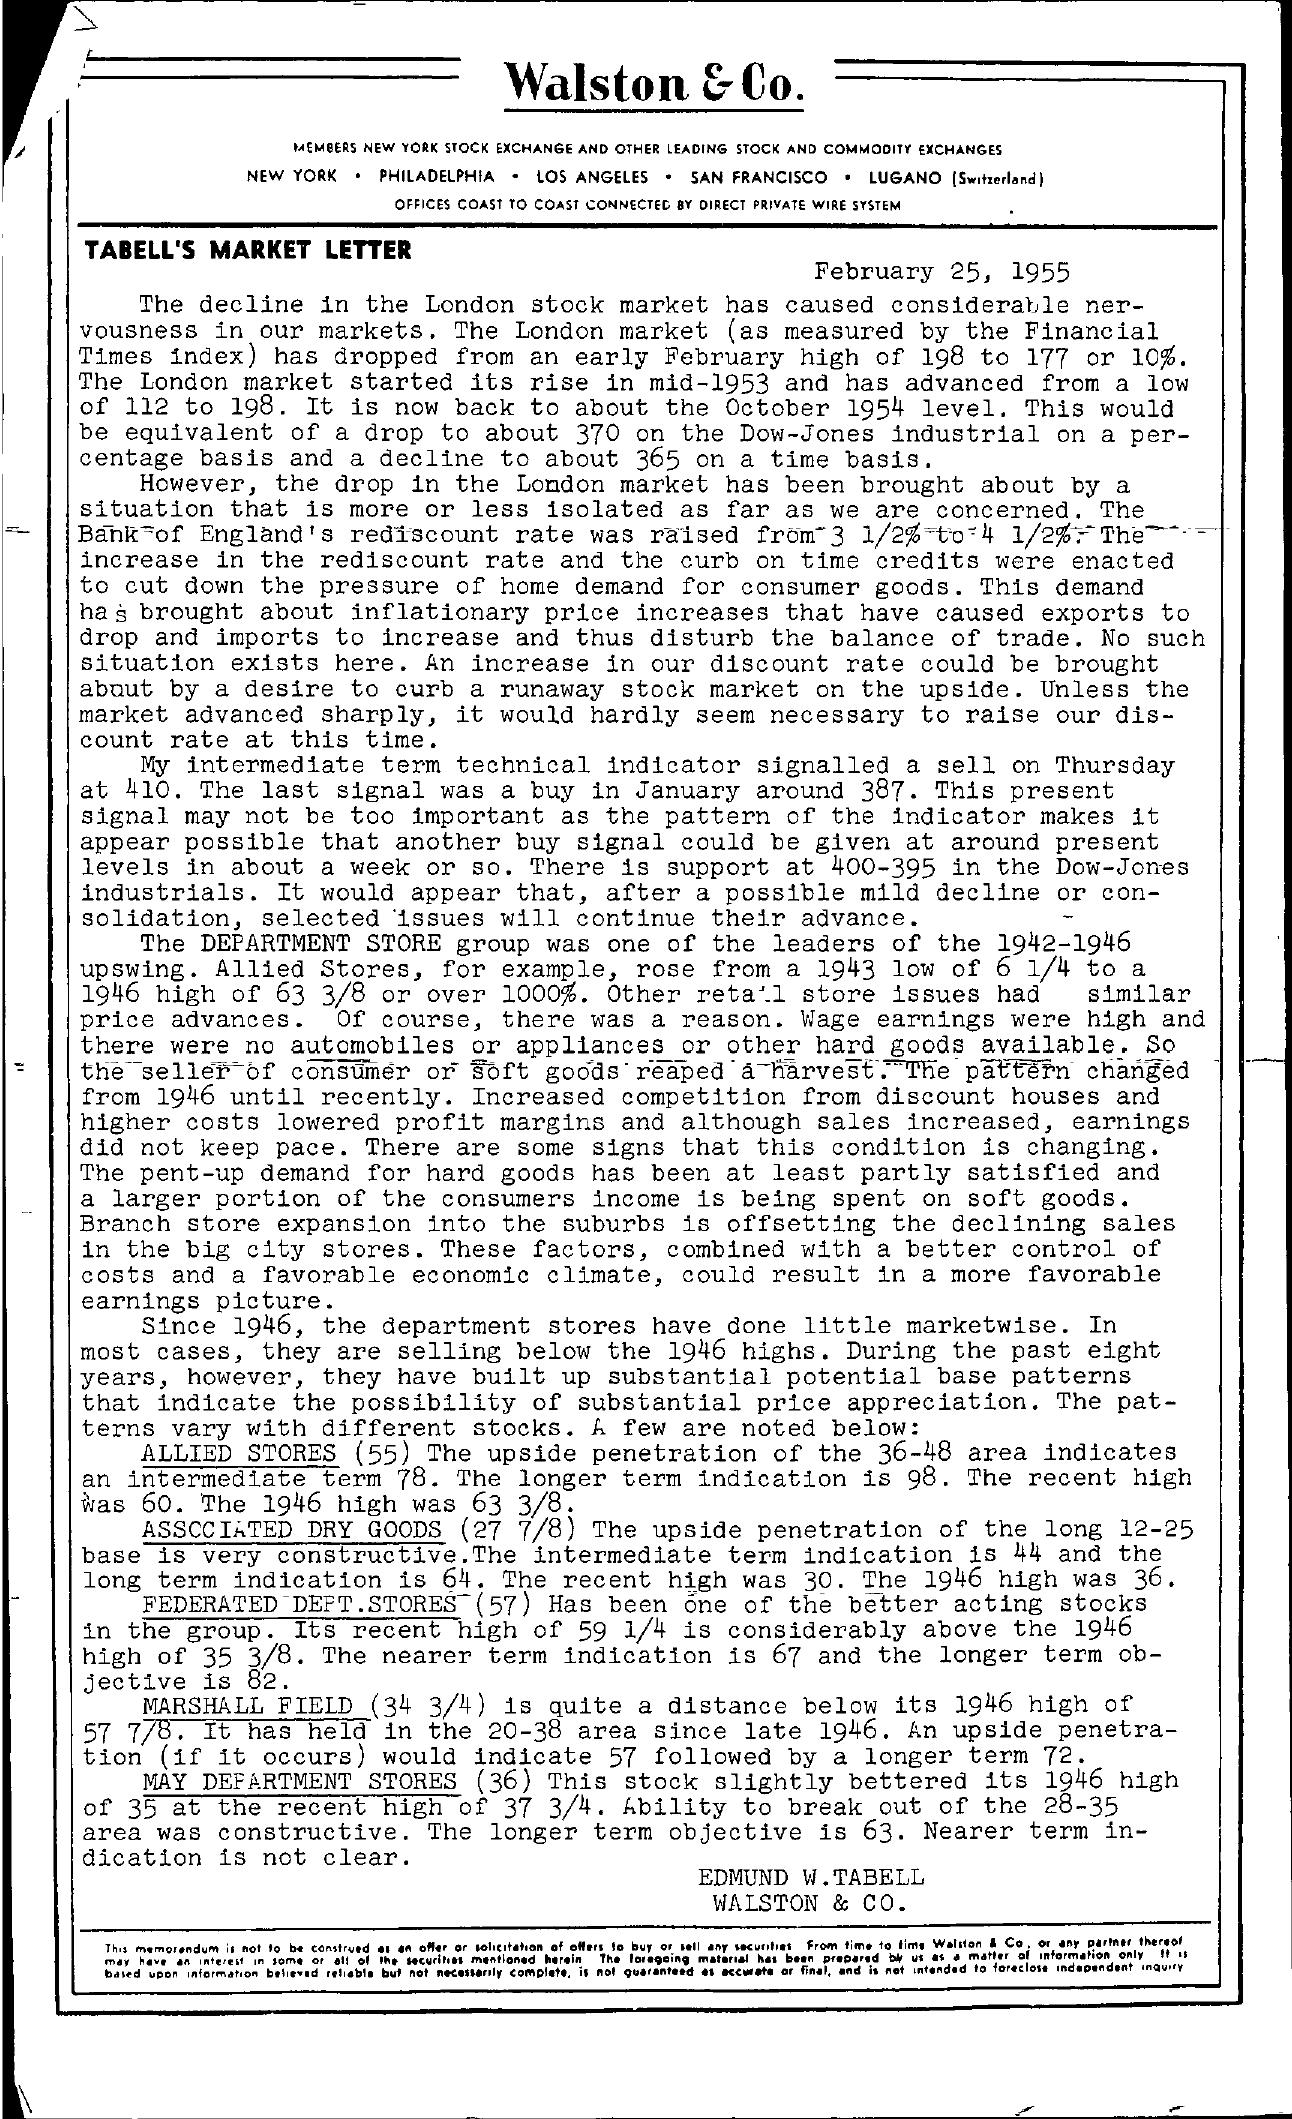 Tabell's Market Letter - February 25, 1955